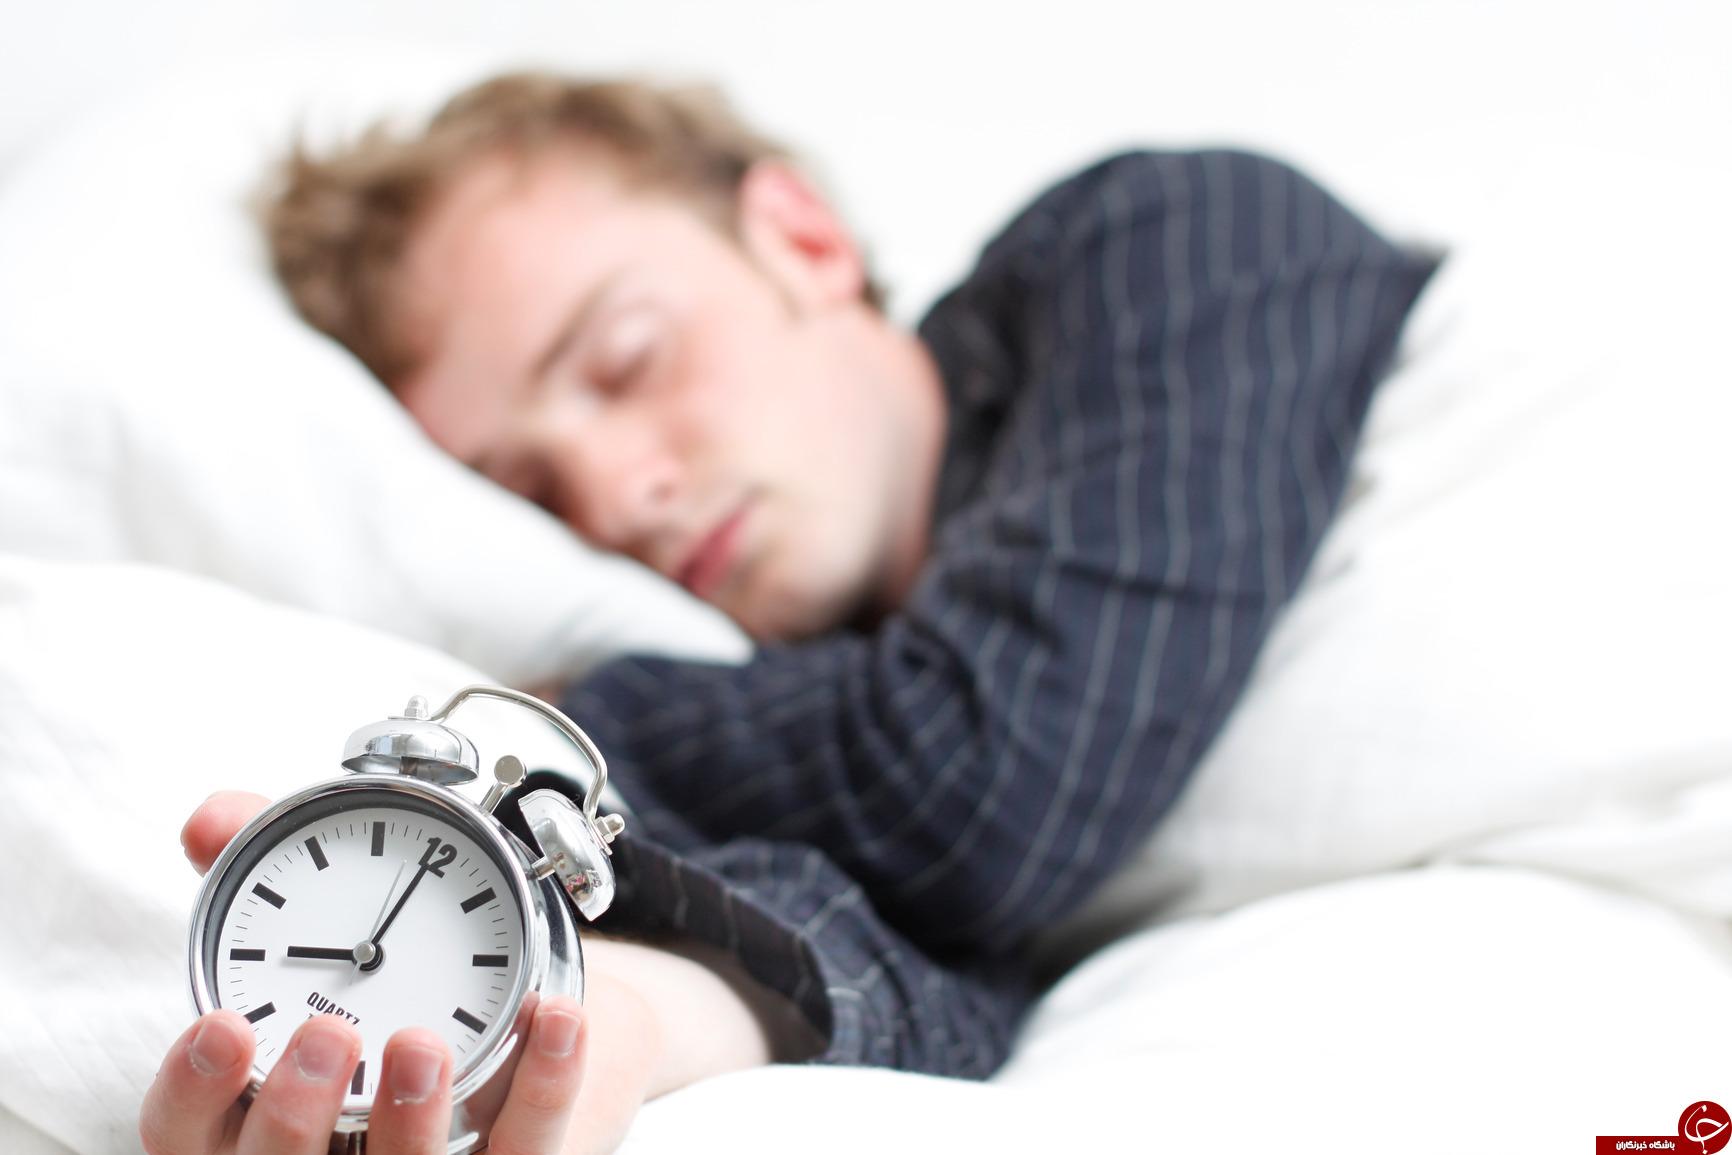 اعمال ناخواستهای که در حین خواب انجام میدهید؛ را بشناسید! /آیا میدانید به چه میزان خواب نیاز دارید؟